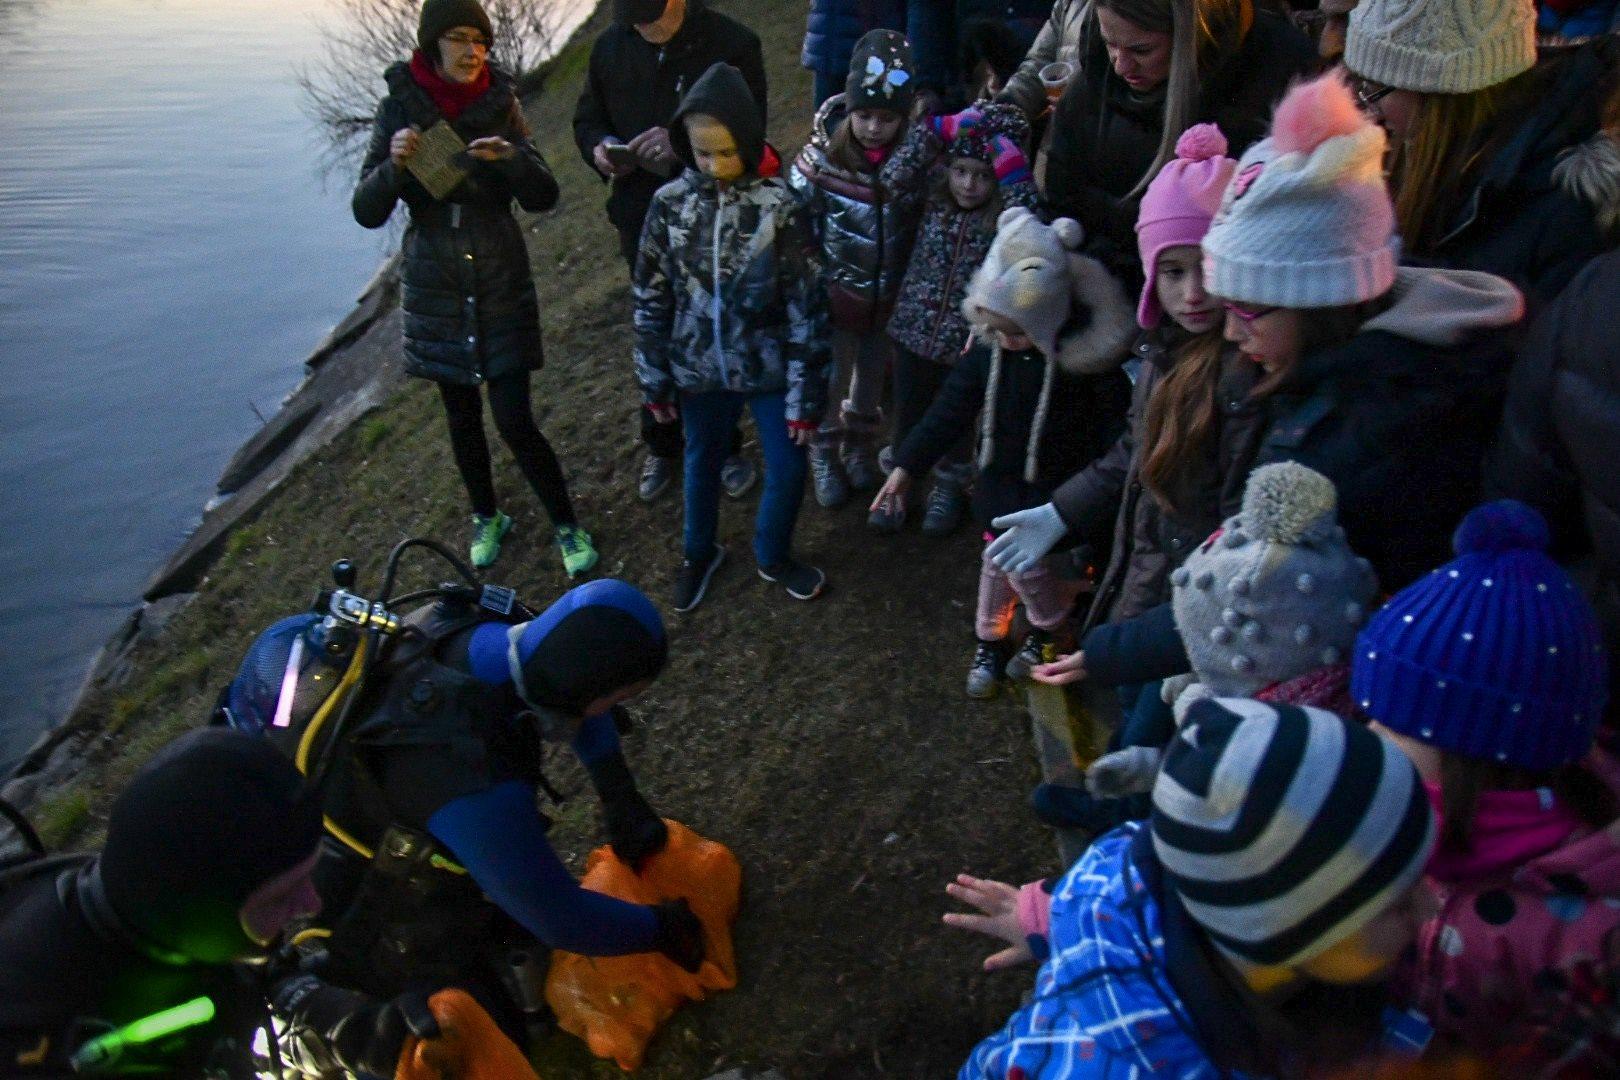 Prišli so iz Drave in obdarili otroke.